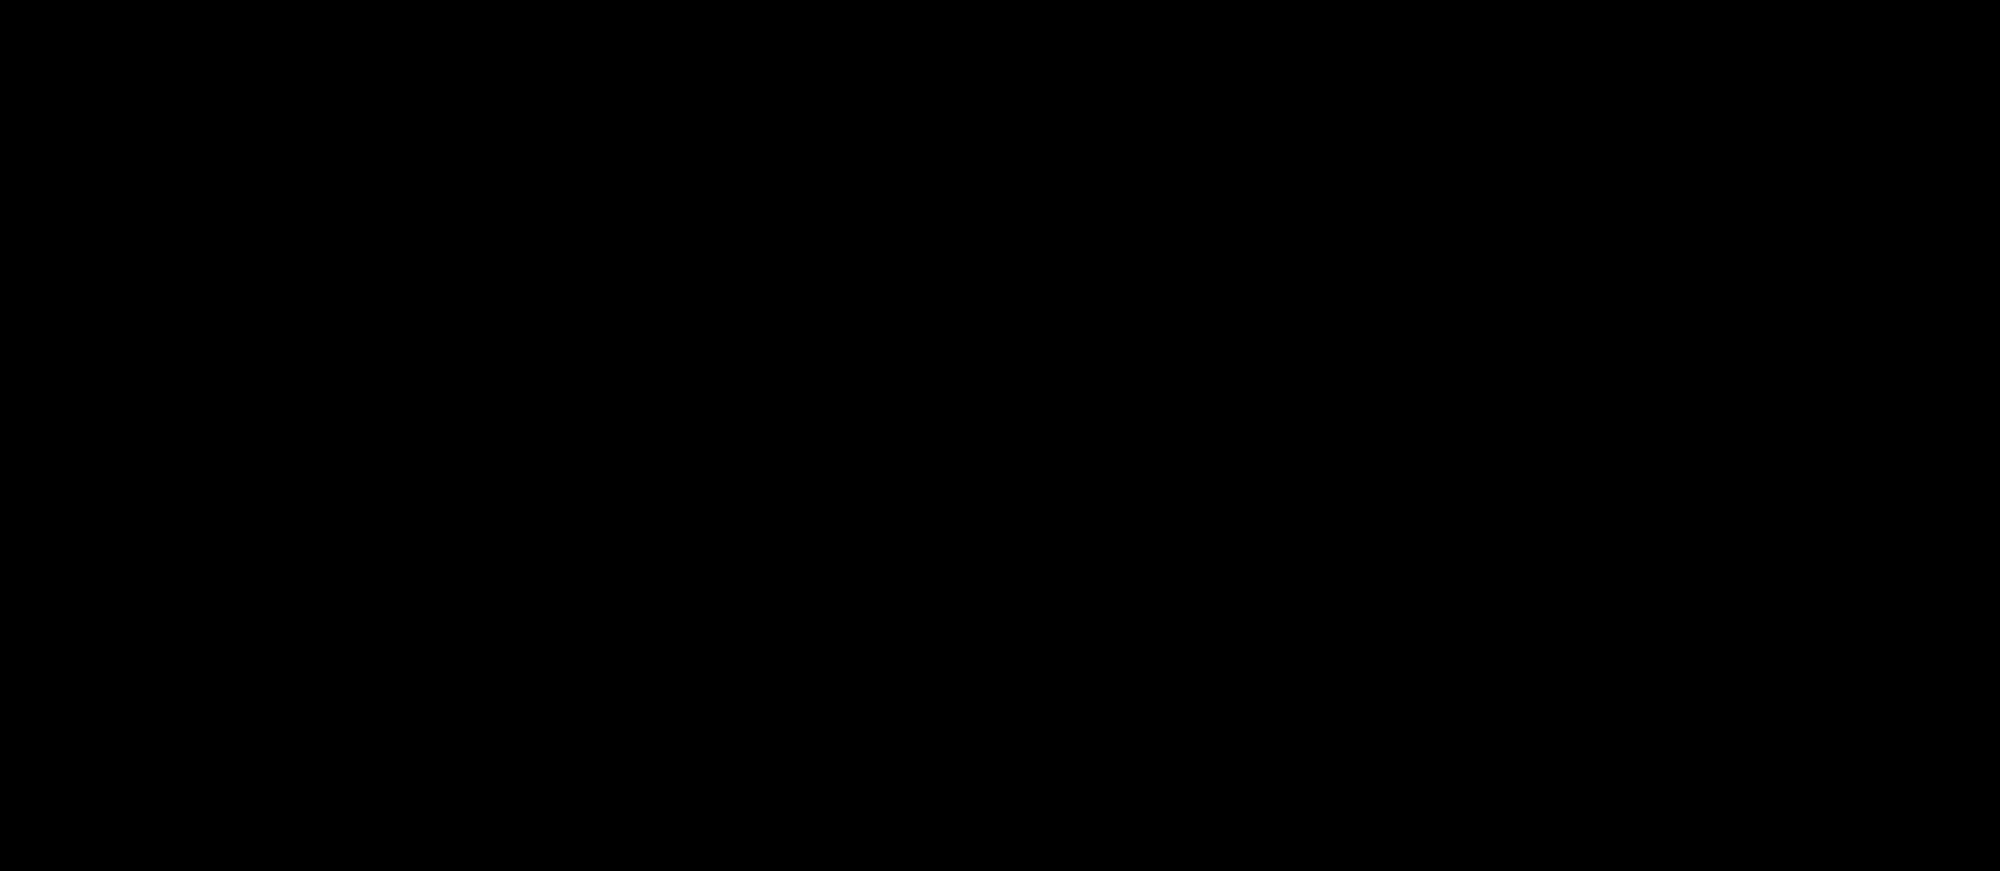 Logo de Thalía usado en muchos de sus proyectos como empresaria y en sus discos